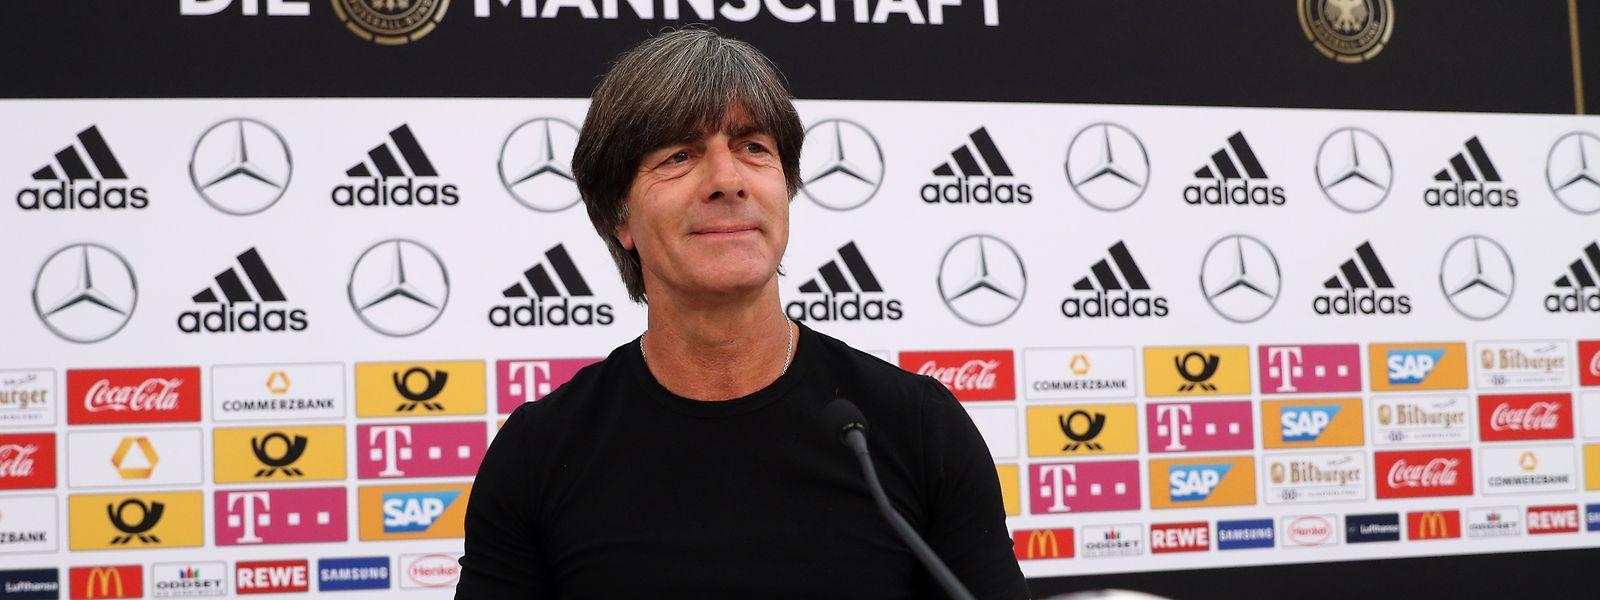 Joachim Löw, treinador da Alemanha, atual campeão mundial em título.